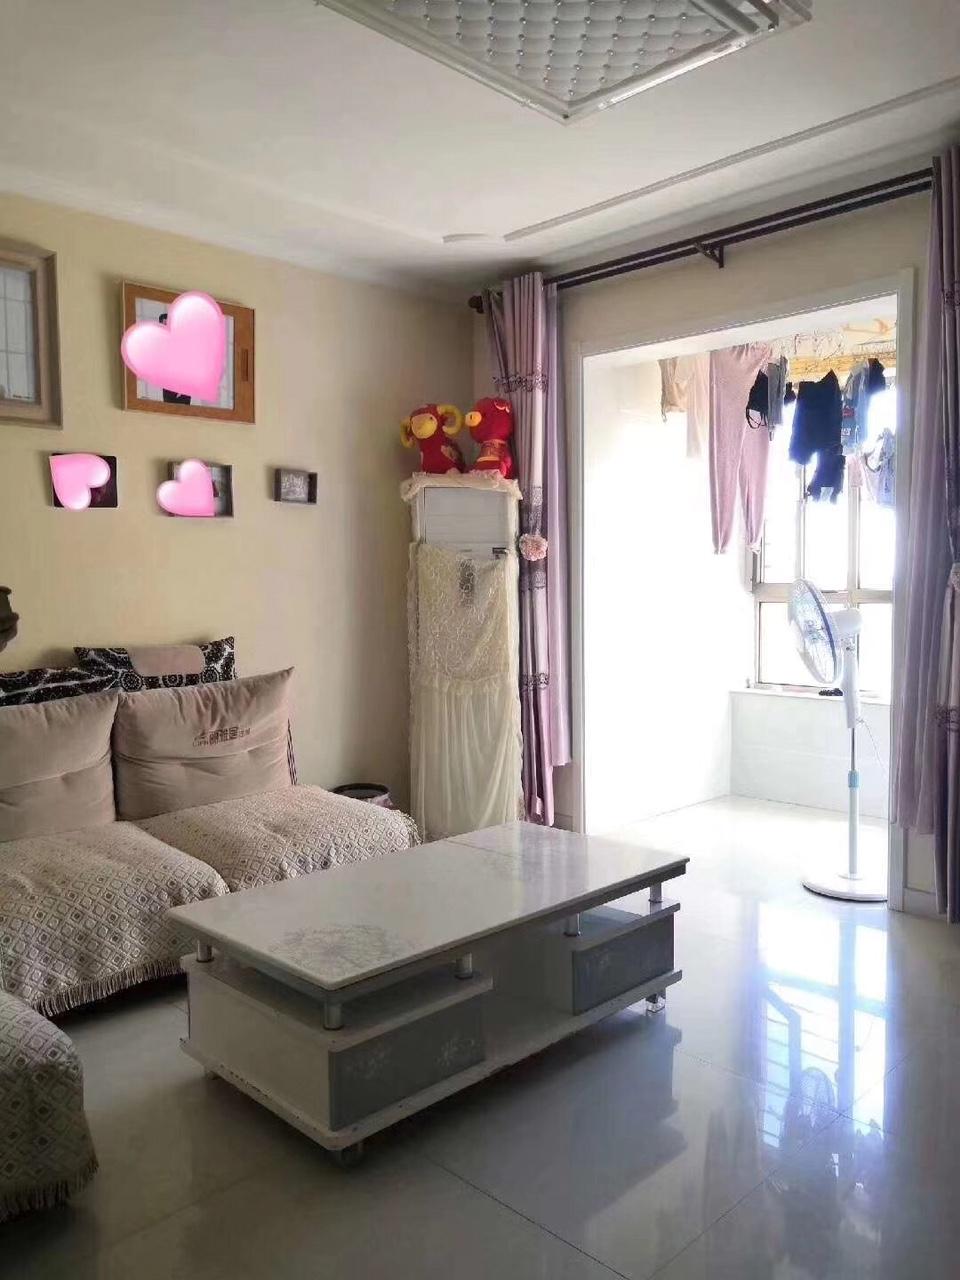 丽景豪庭,英才学区,3室 2厅 1卫83万元